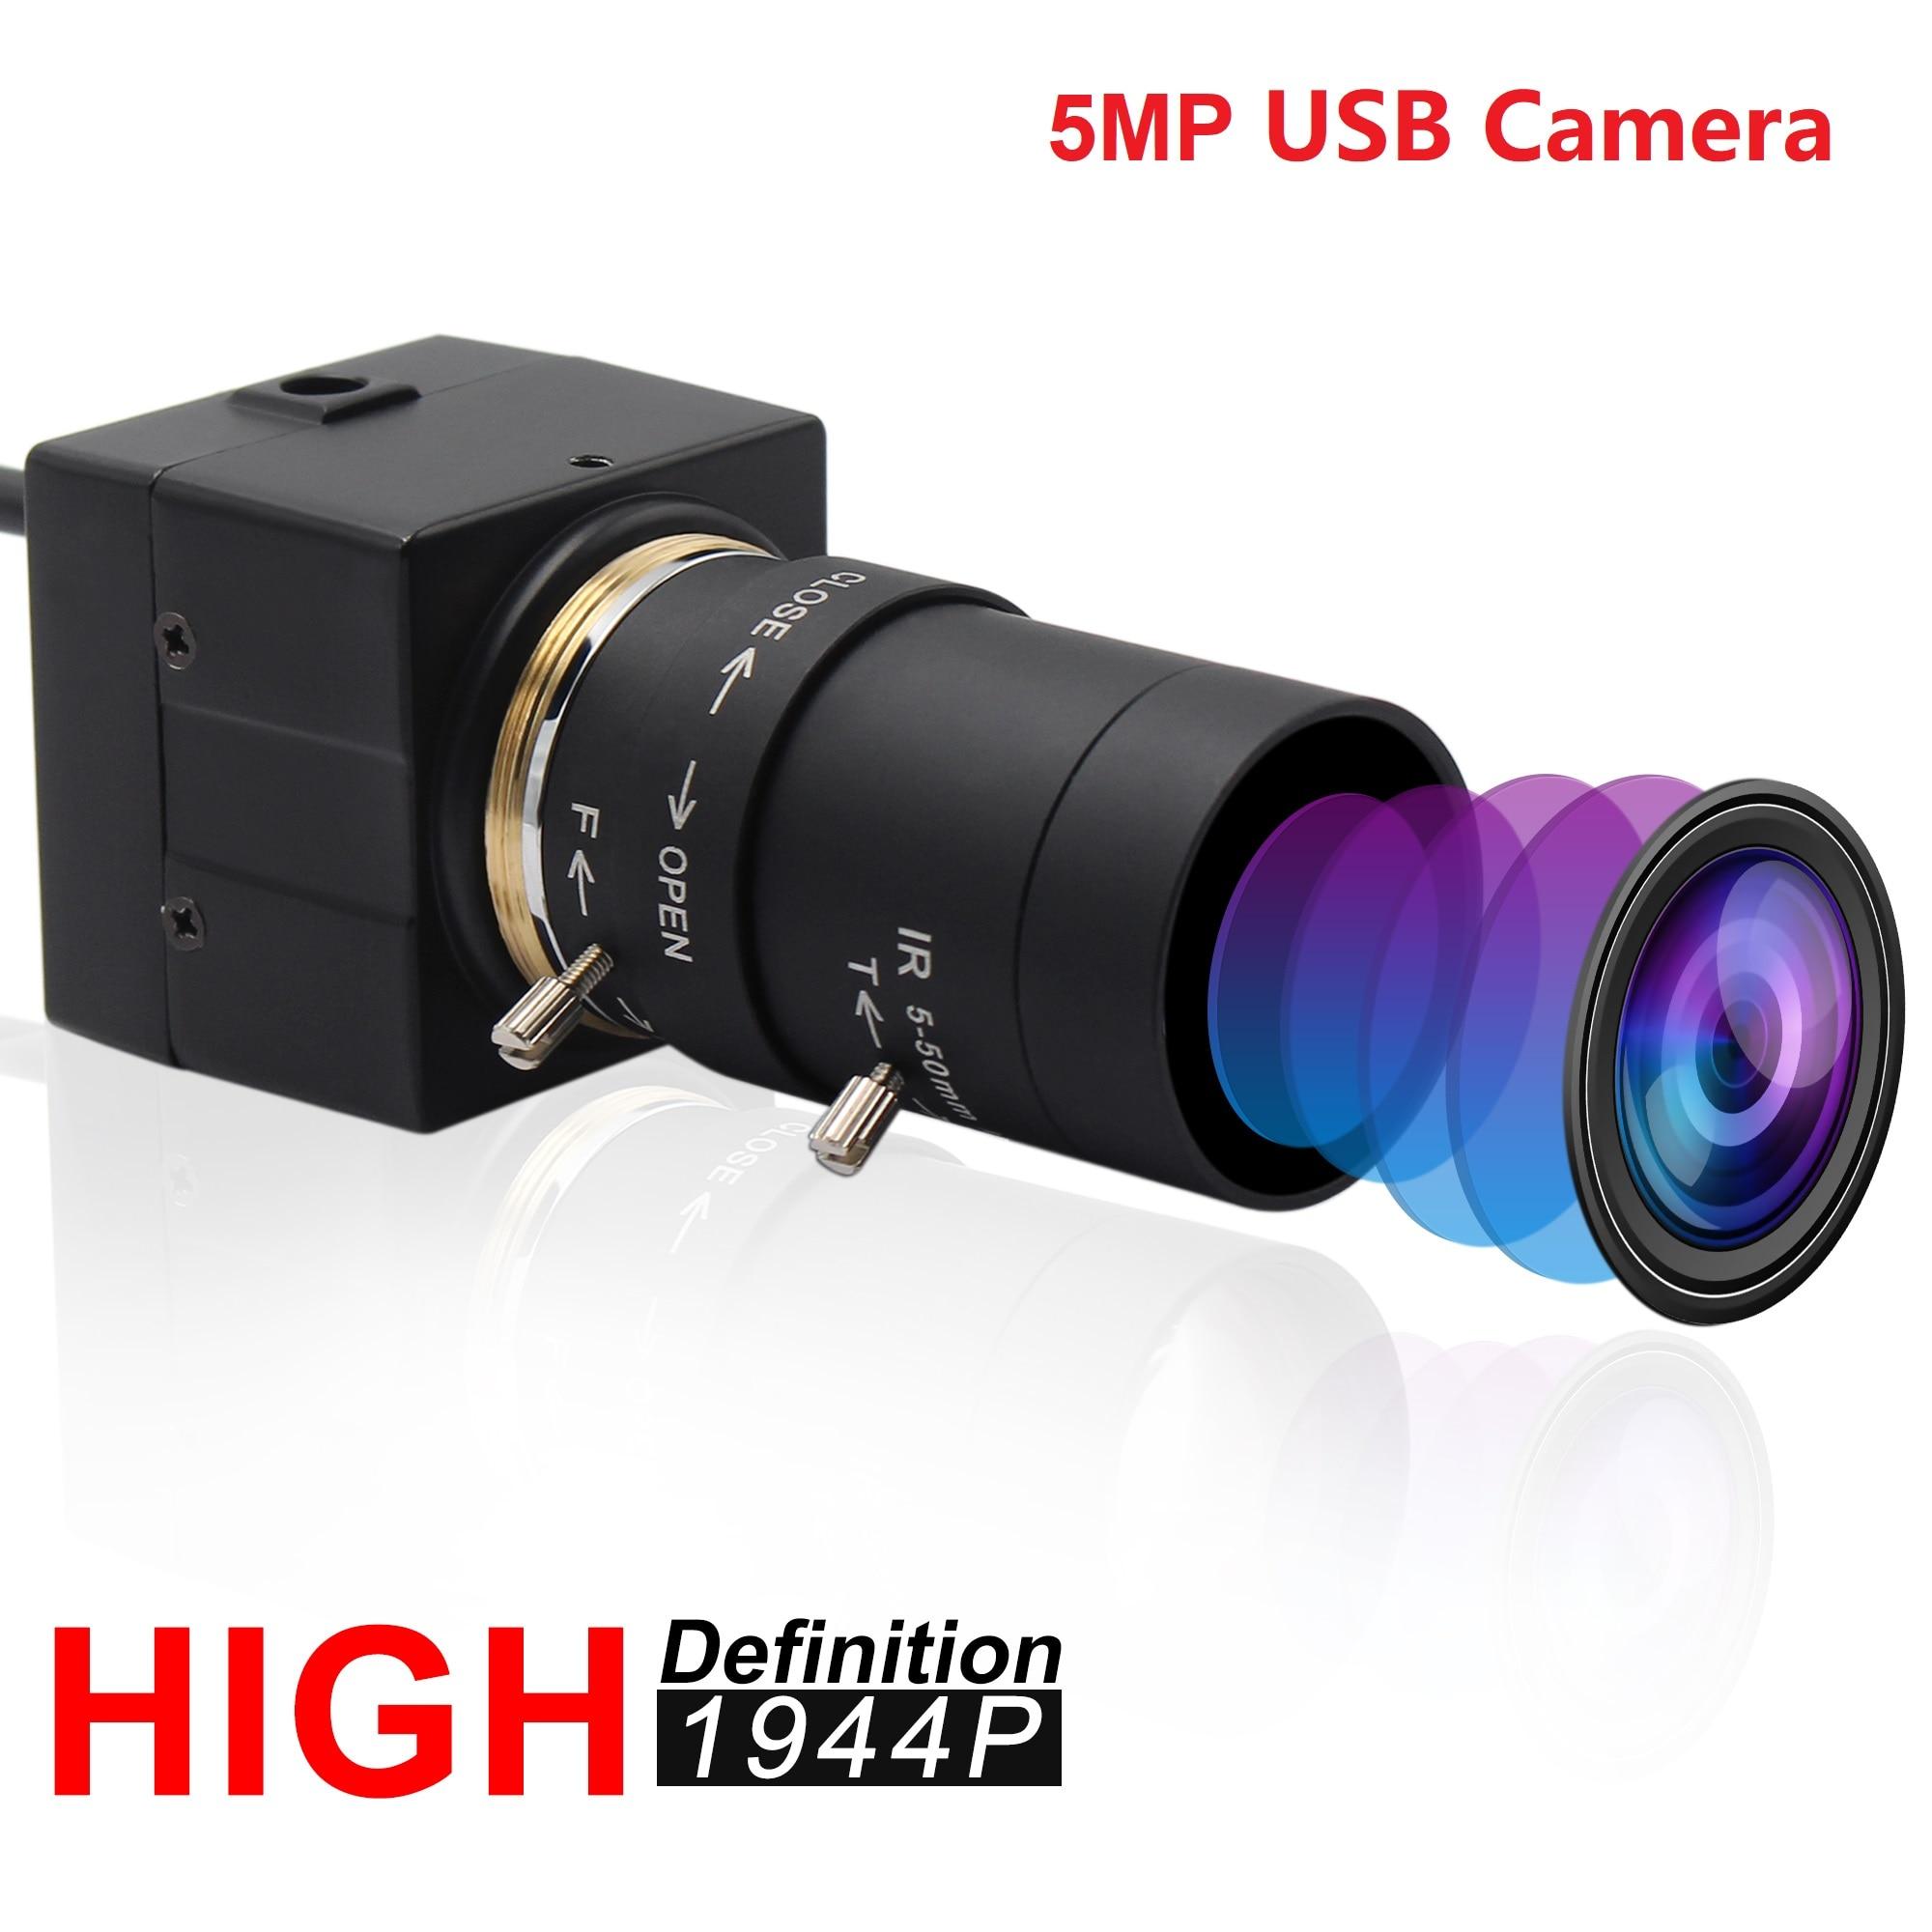 5 메가 픽셀 카메라 고해상도 USB 2.0 웹캠 Aptina MI5100 컬러 CMOS 풀 HD 5MP USB 카메라 가변 초점 3D 프린터